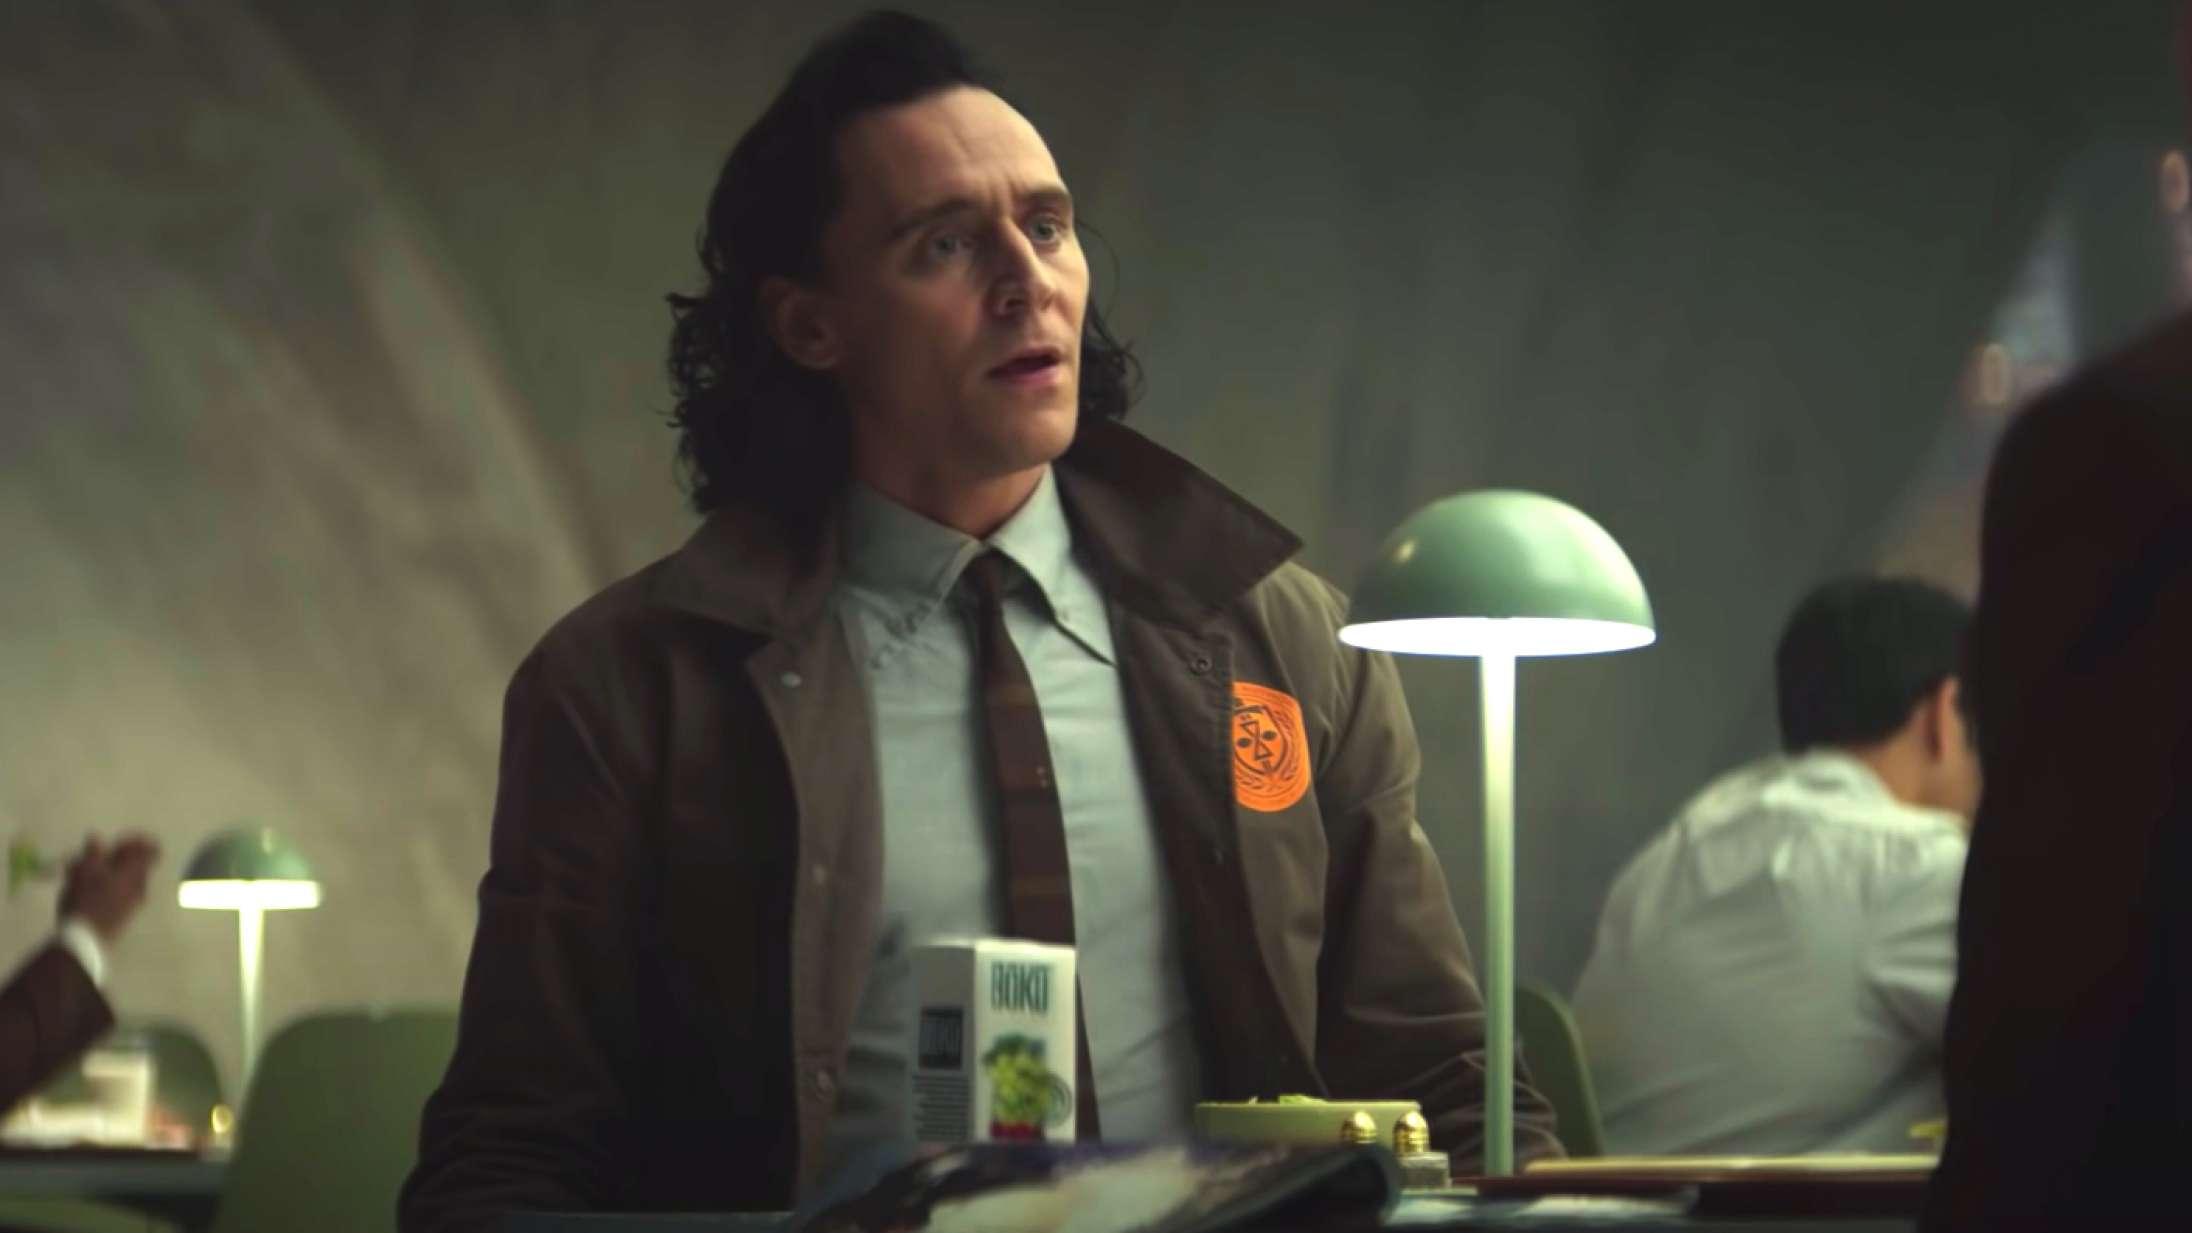 Owen Wilson sender Tom Hiddleston tilbage i tiden i den nye trailer til 'Loki'